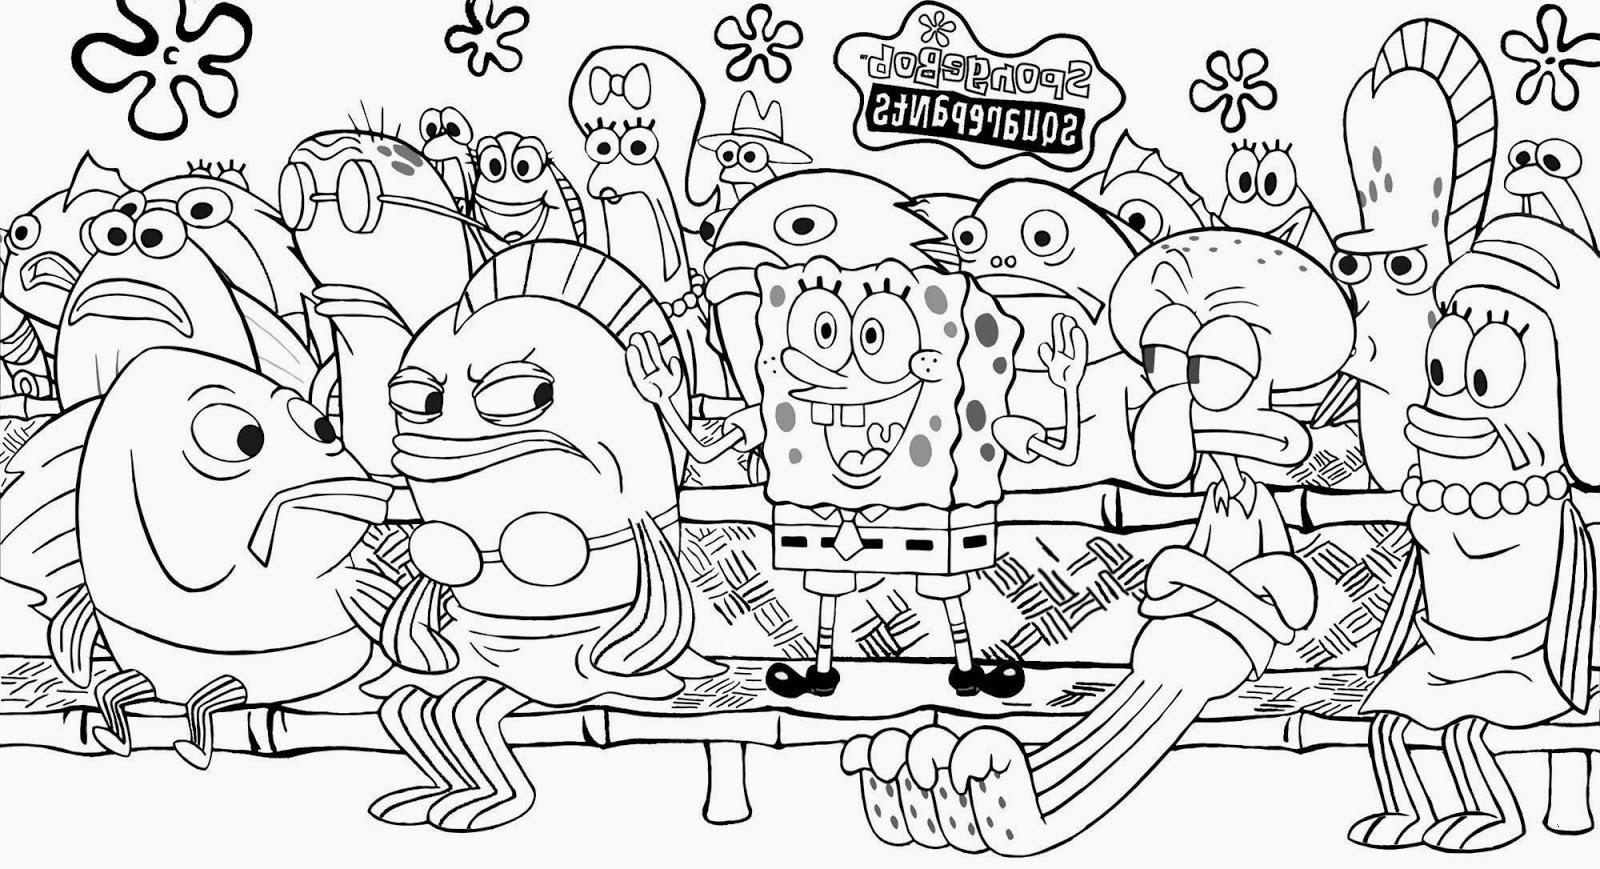 Halloween Ausmalbilder Spinne Neu 28 Inspirierend Pokal Malvorlage – Malvorlagen Ideen Stock